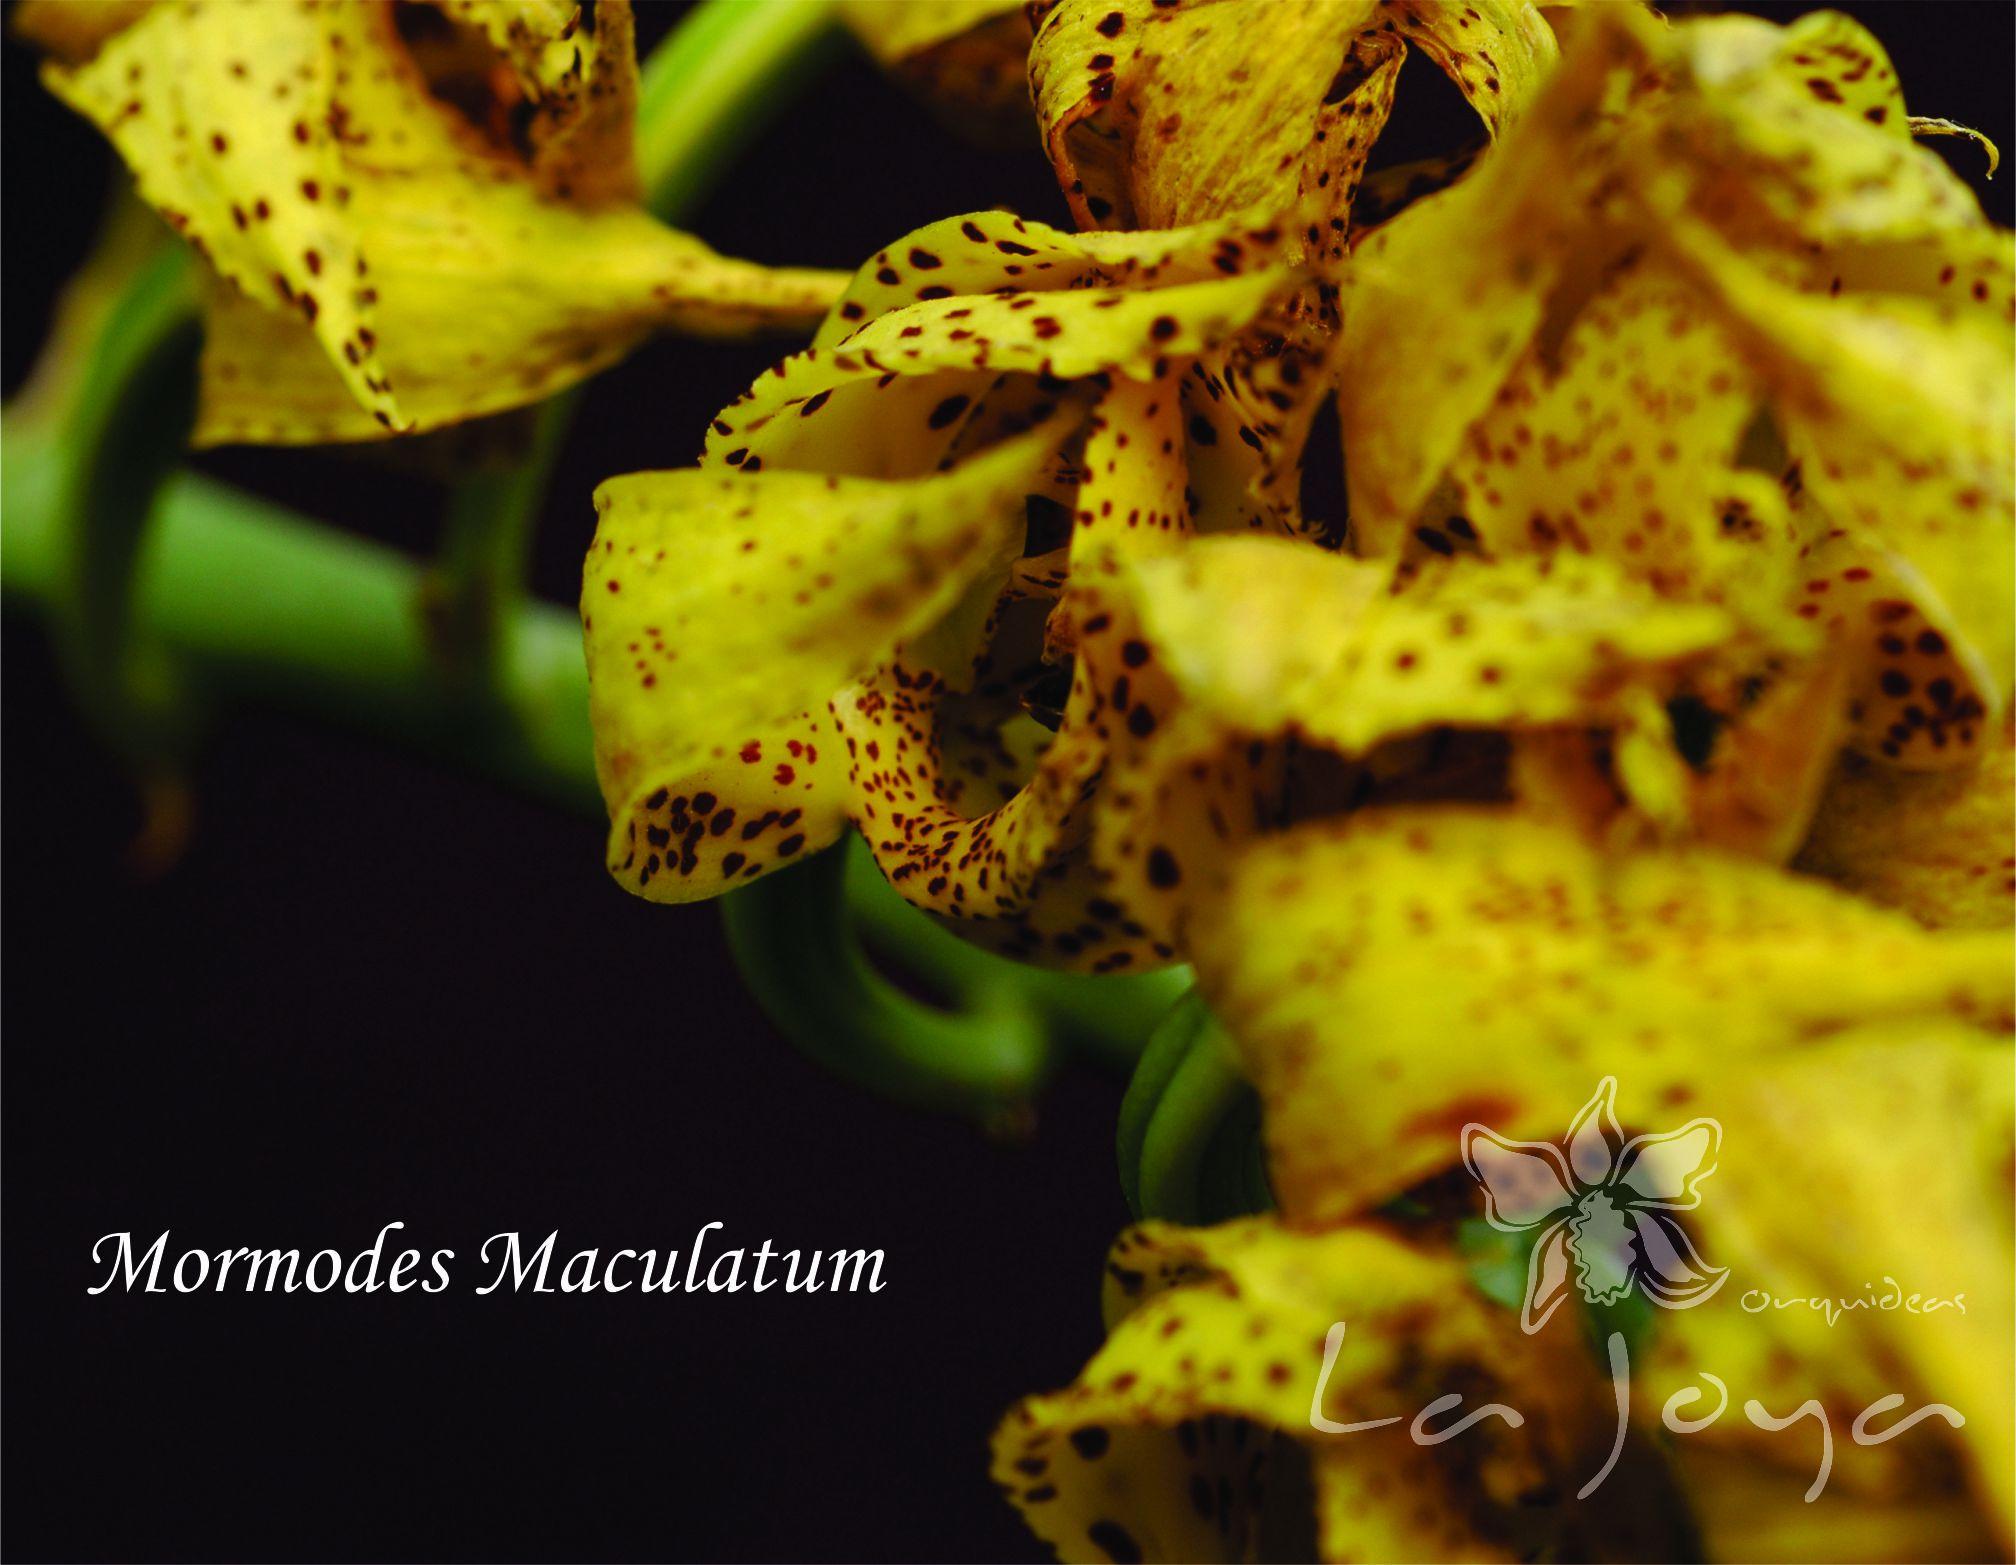 Mormodes Maculatum